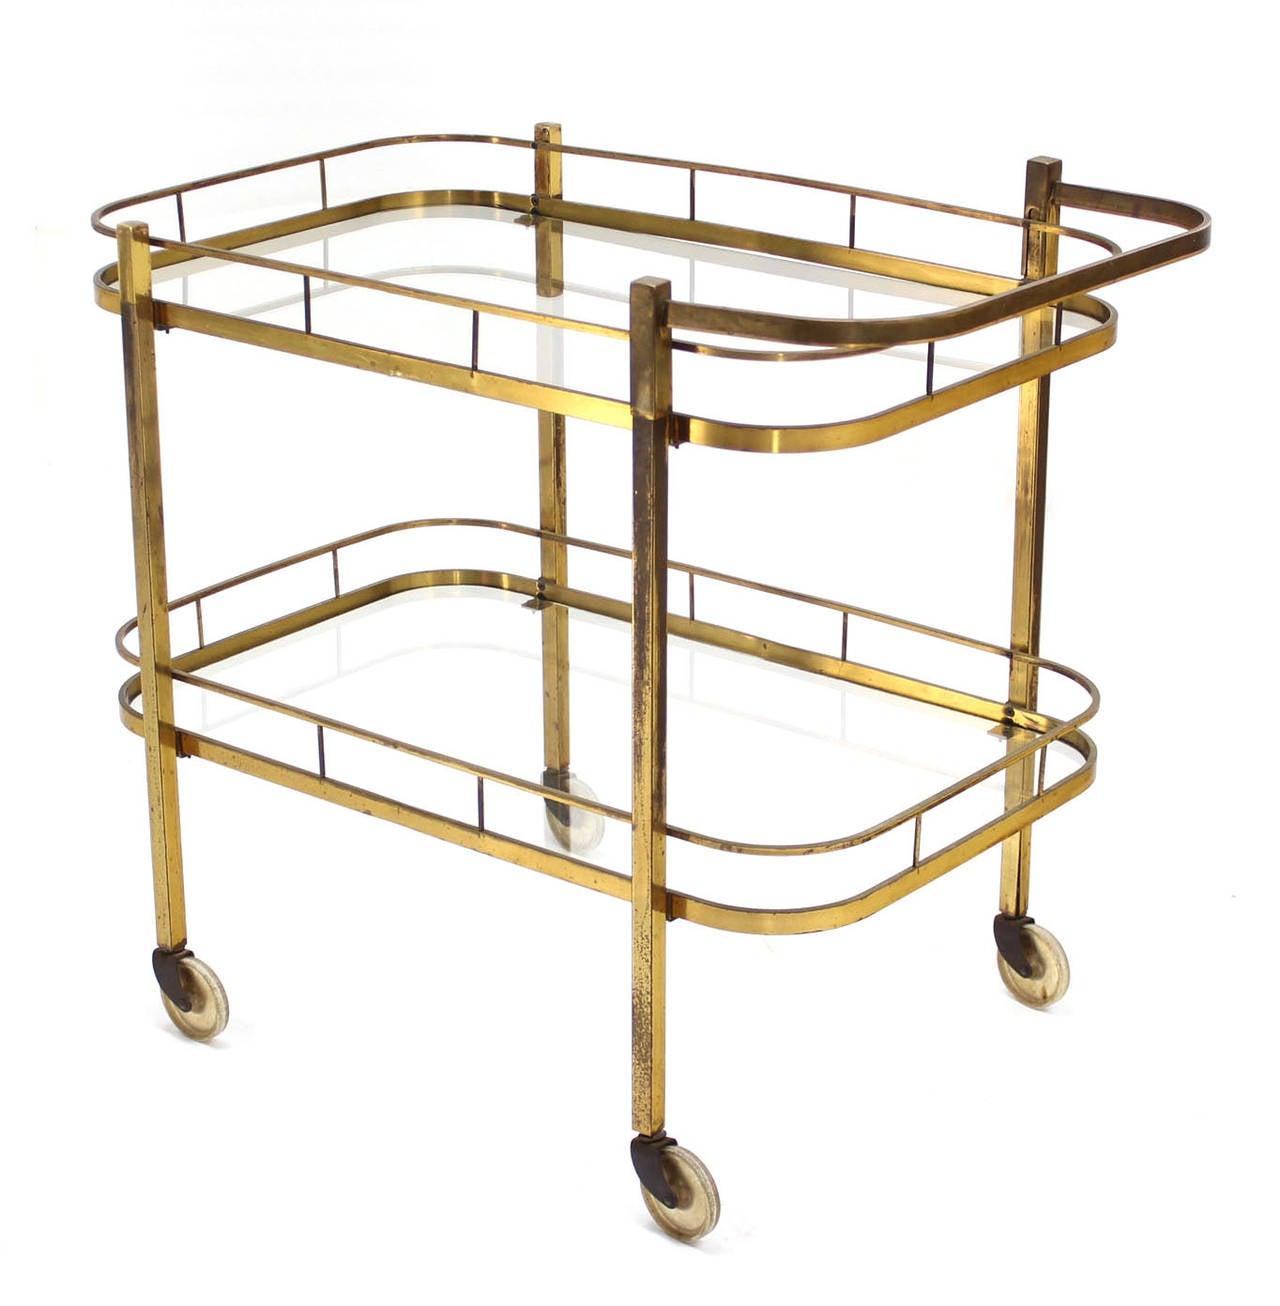 Very nice mid-century modern brass tea cart bar. All solid brass design.